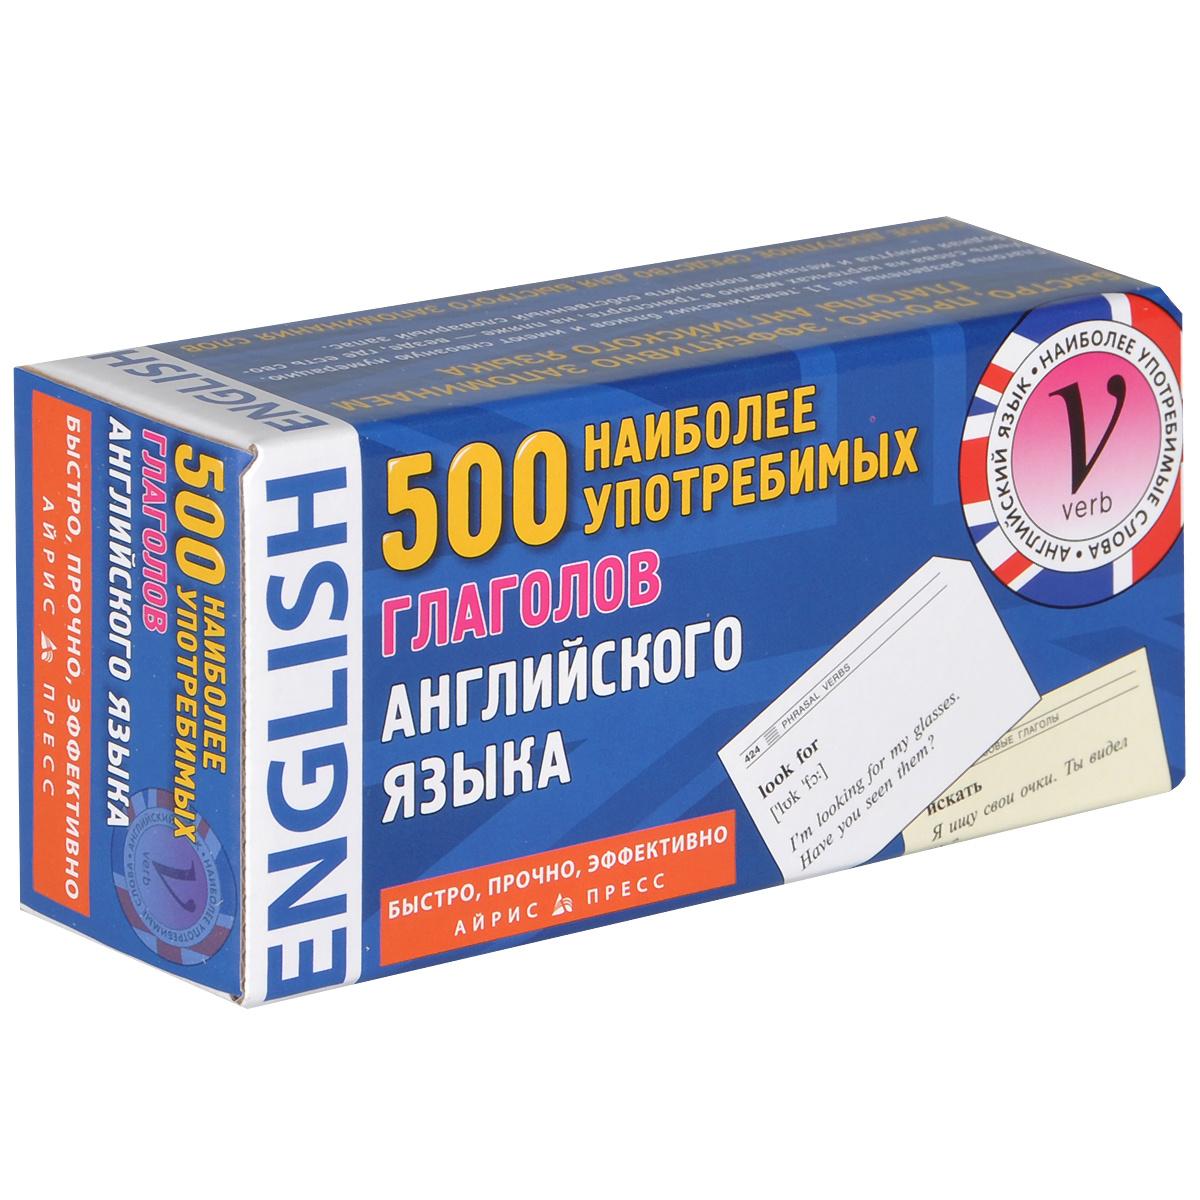 500 наиболее употребимых глаголов английского языка (набор из 500 карточек)  #1